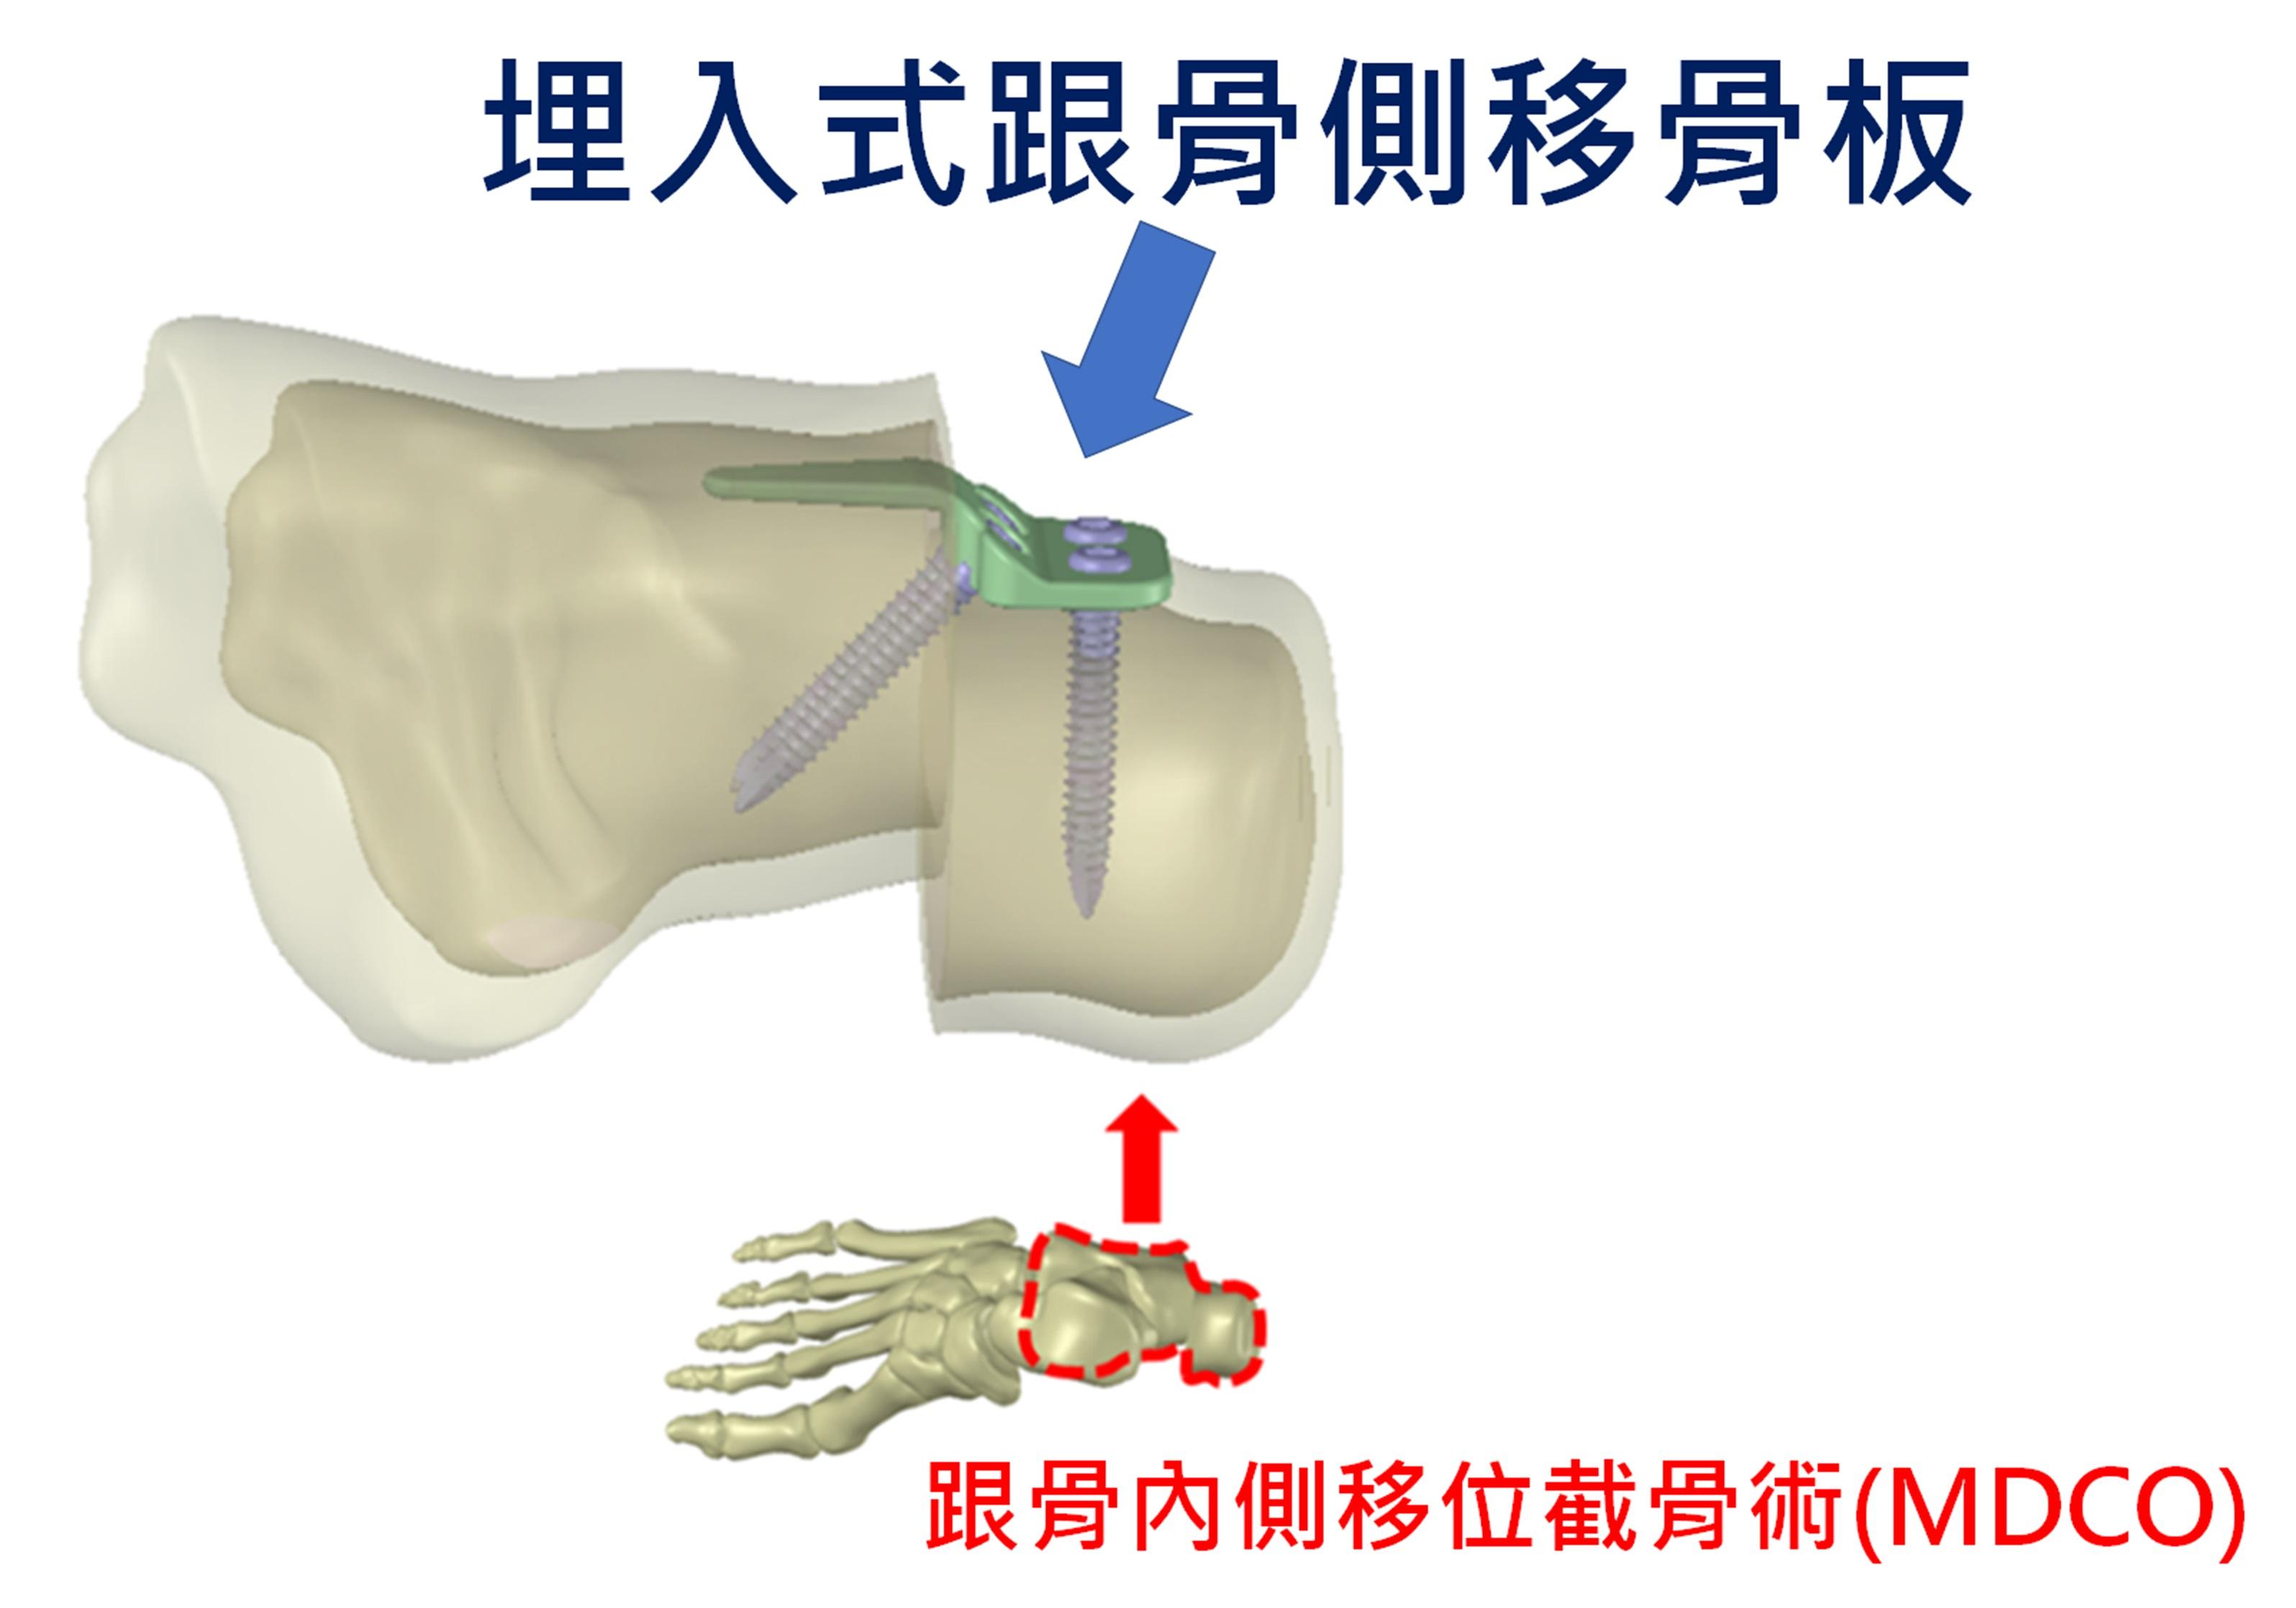 (4)埋入式跟骨側移骨板植入情況